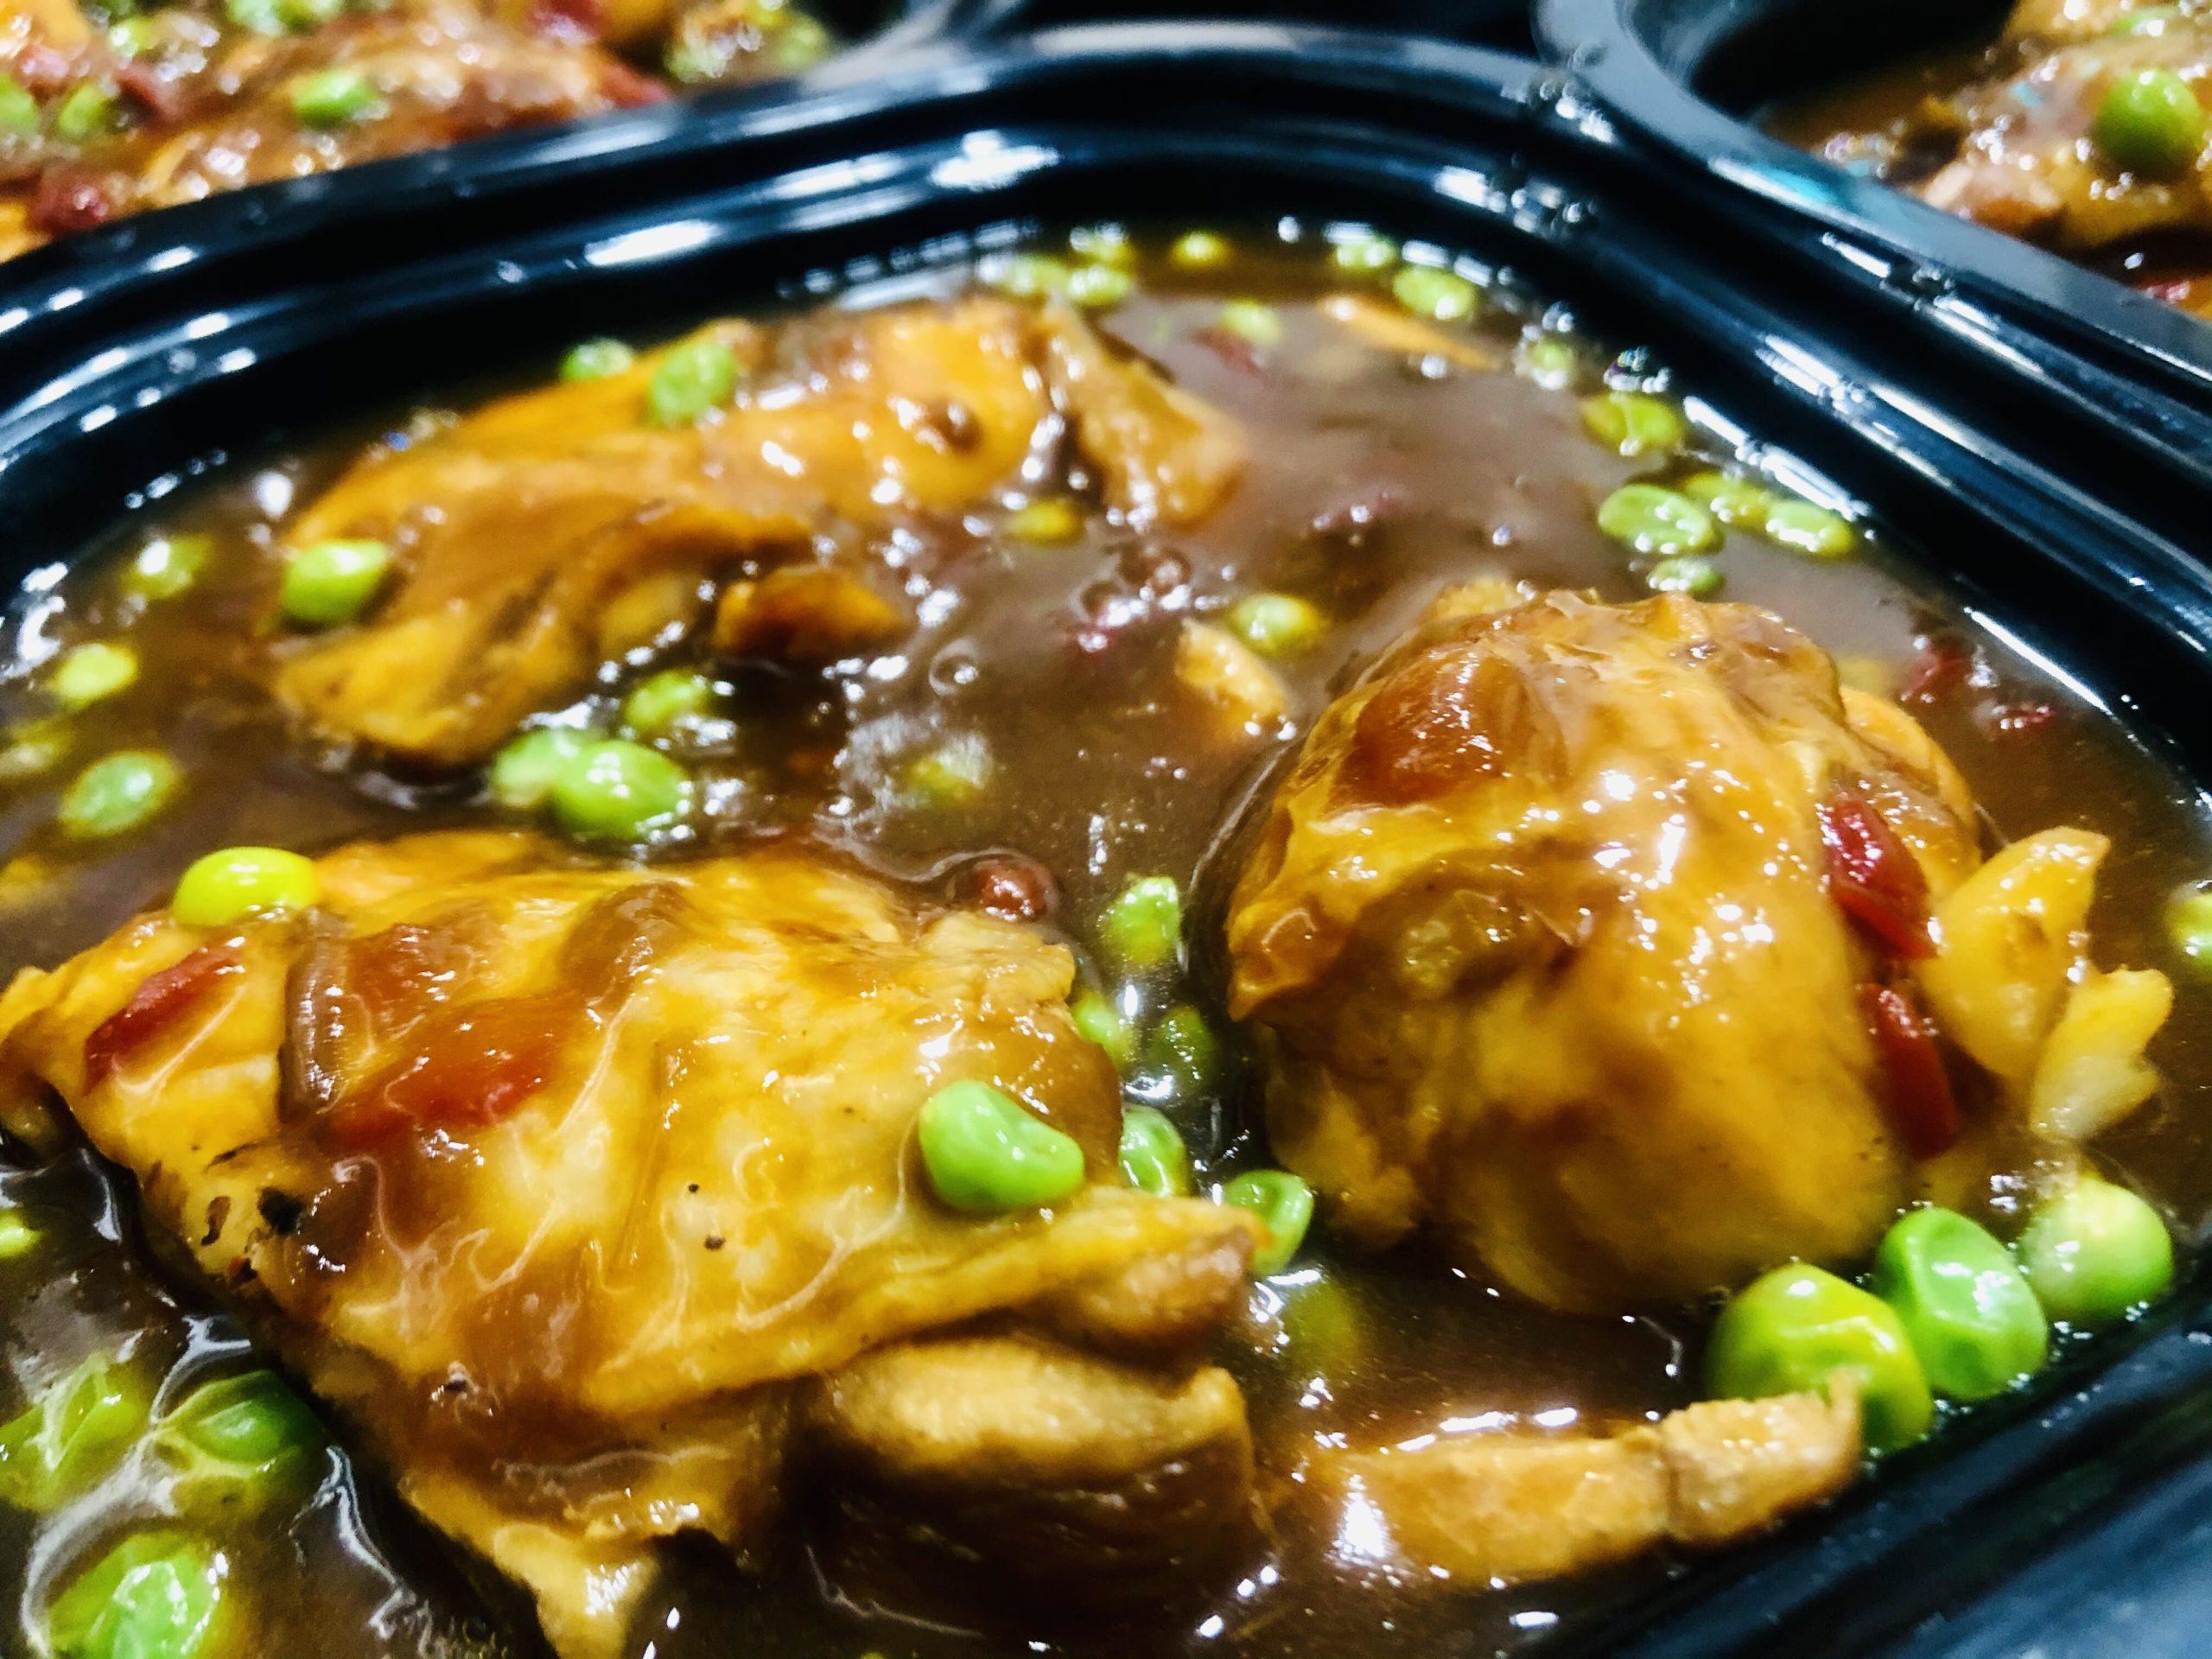 Pollo guisado al txakoli